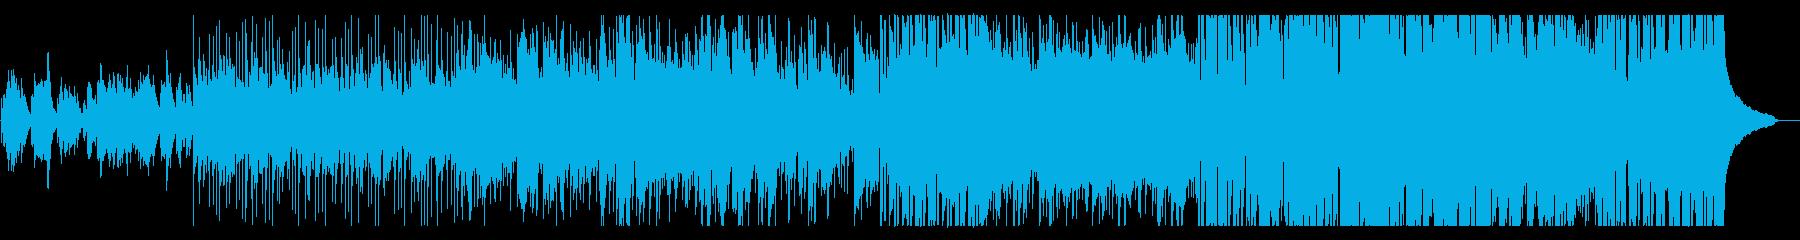 和風・近未来的・ピアノデジタルの再生済みの波形